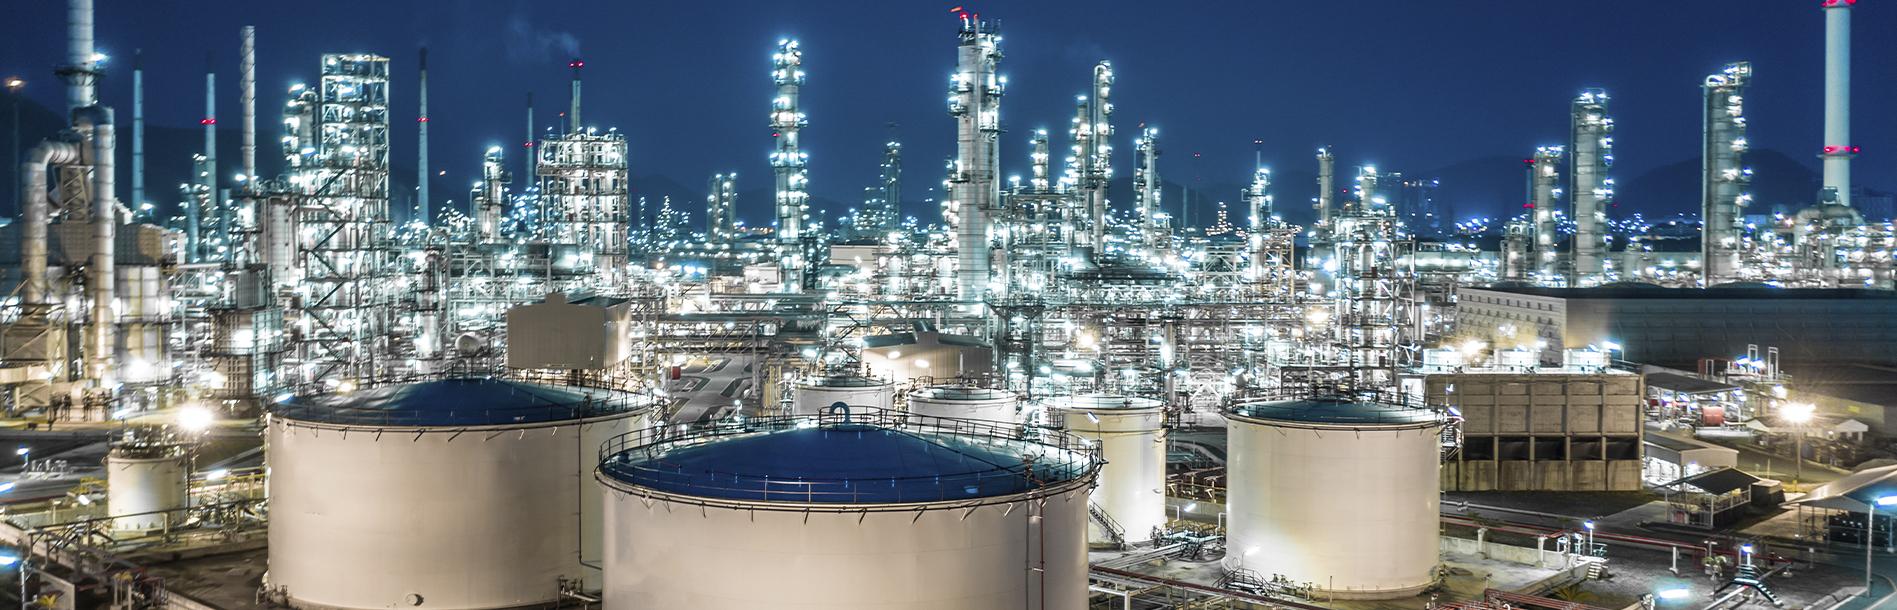 Incêndio em ambientes industriais